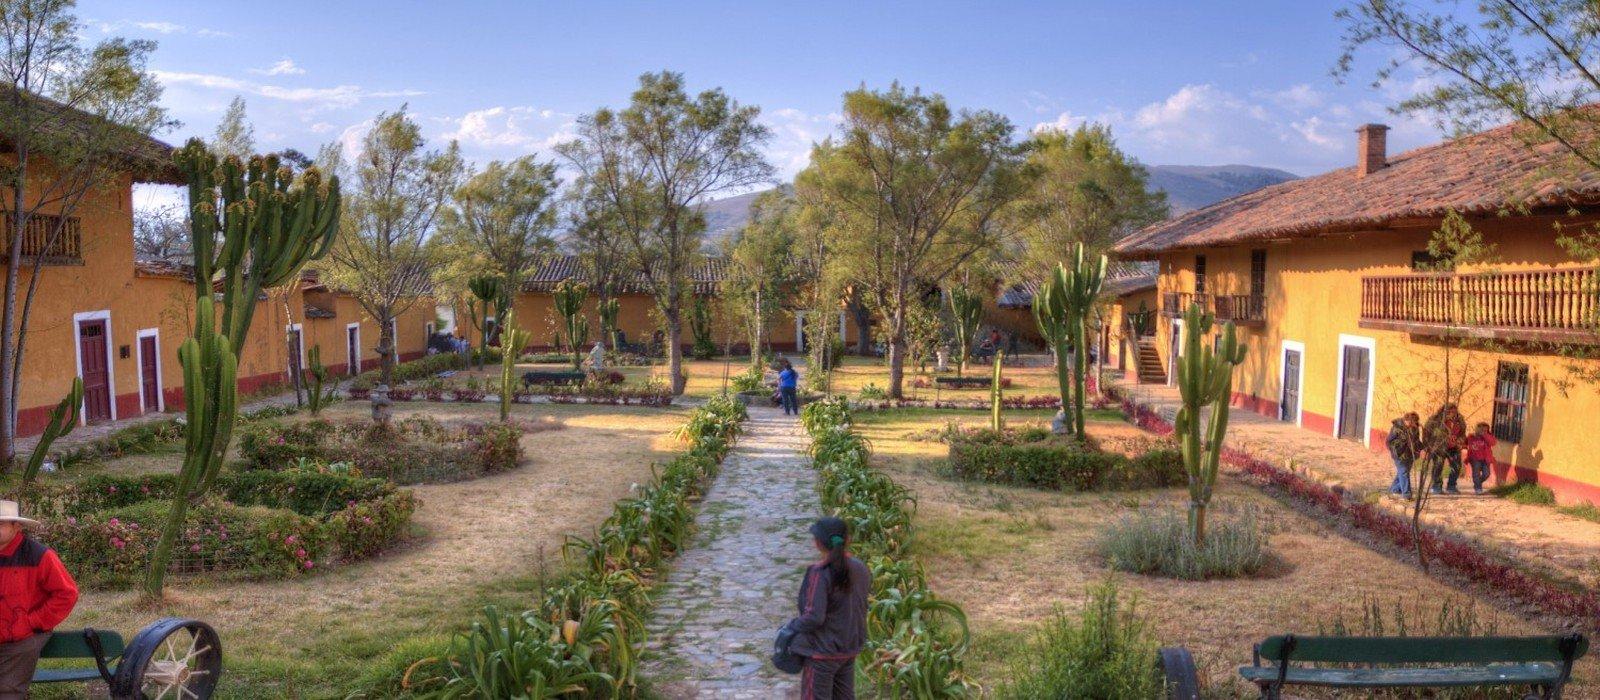 La Collpa Hacienda Tour